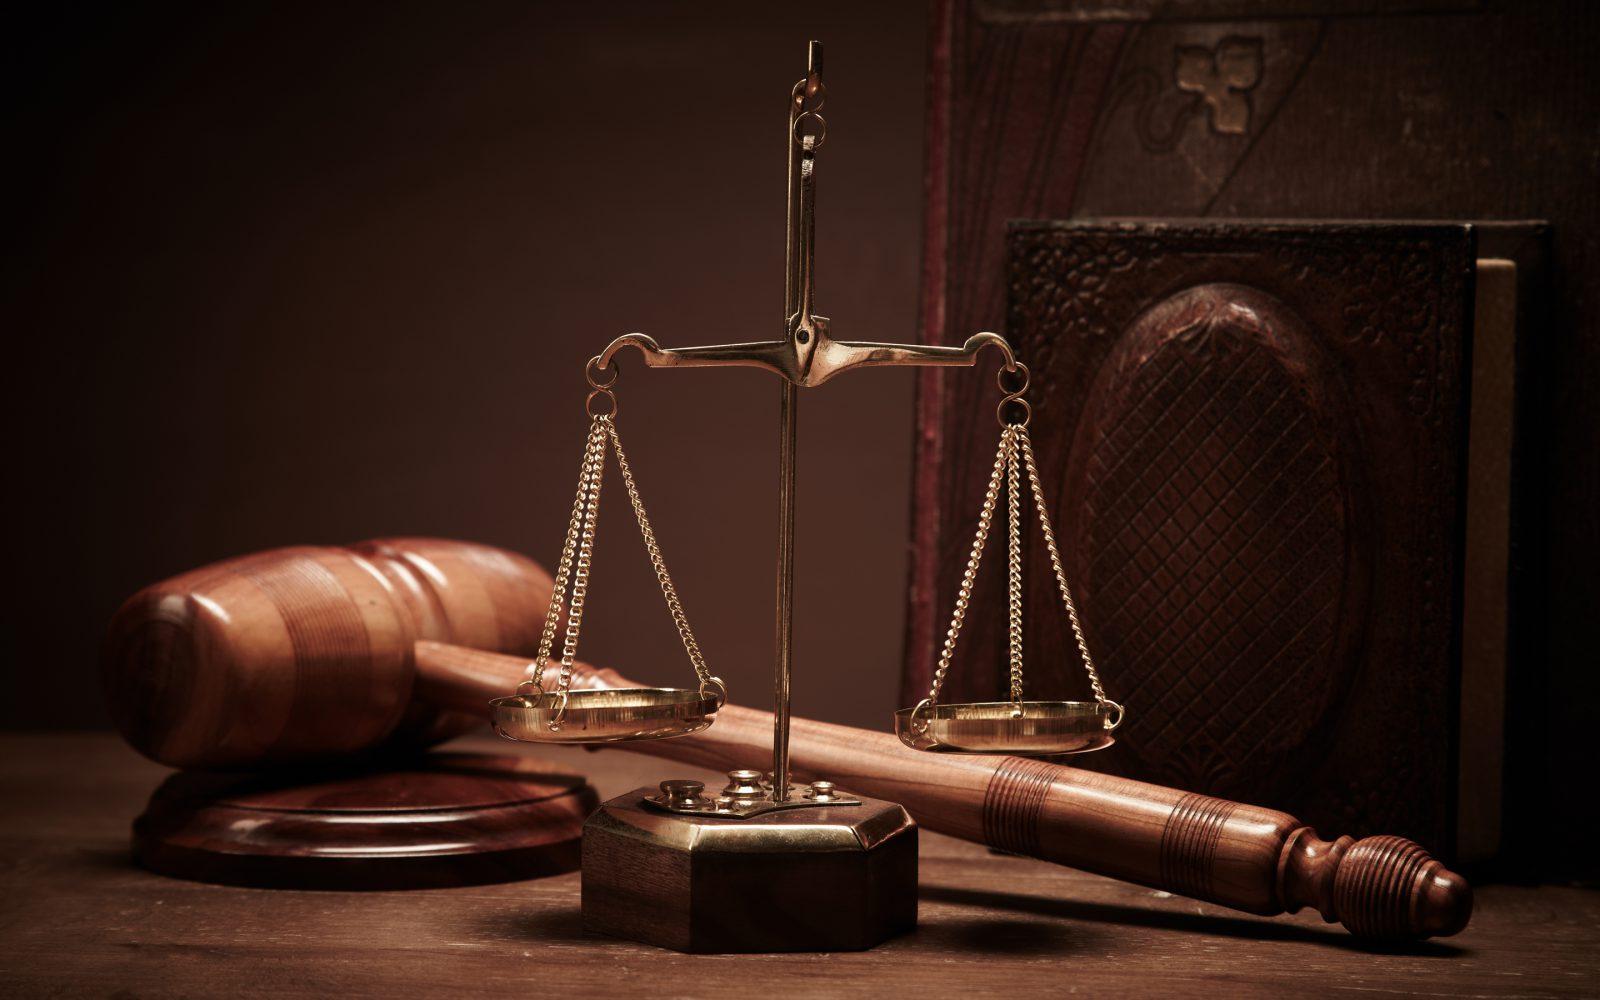 Обыски адвокатов будут продолжаться, пока не изменят законодательство